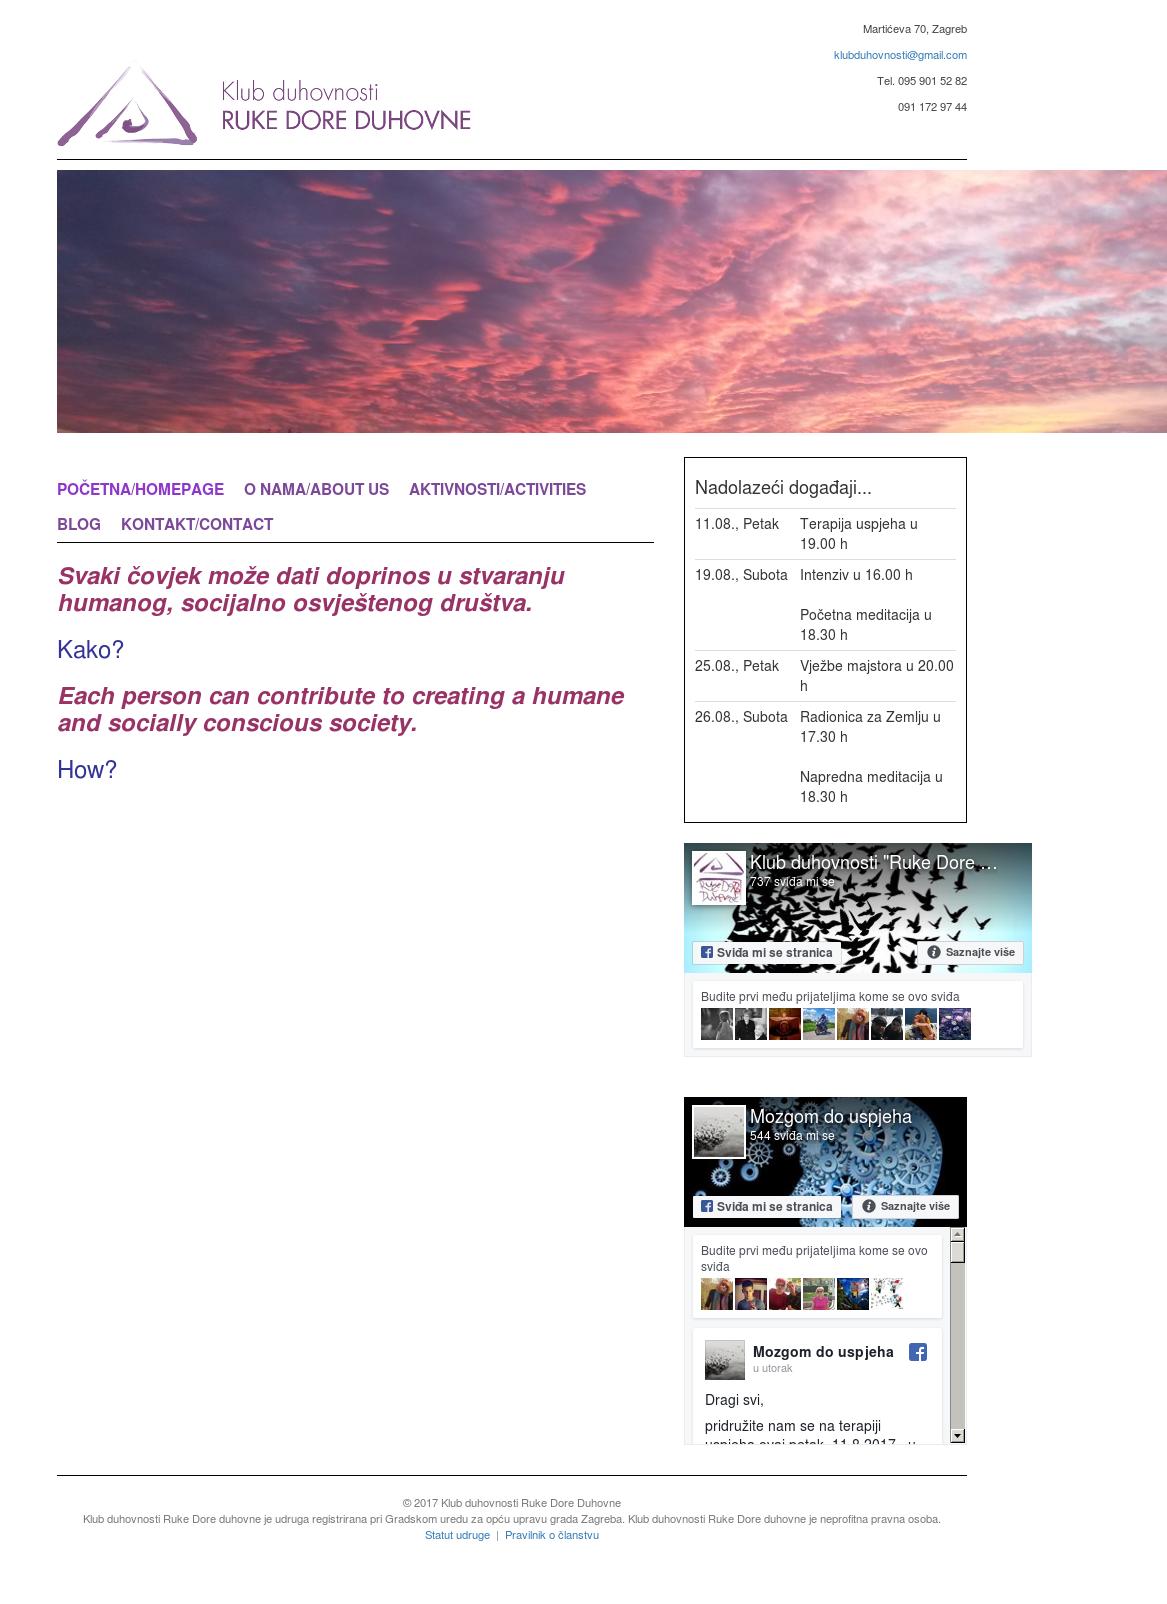 Besplatne internetske stranice za upoznavanje u Kolkata